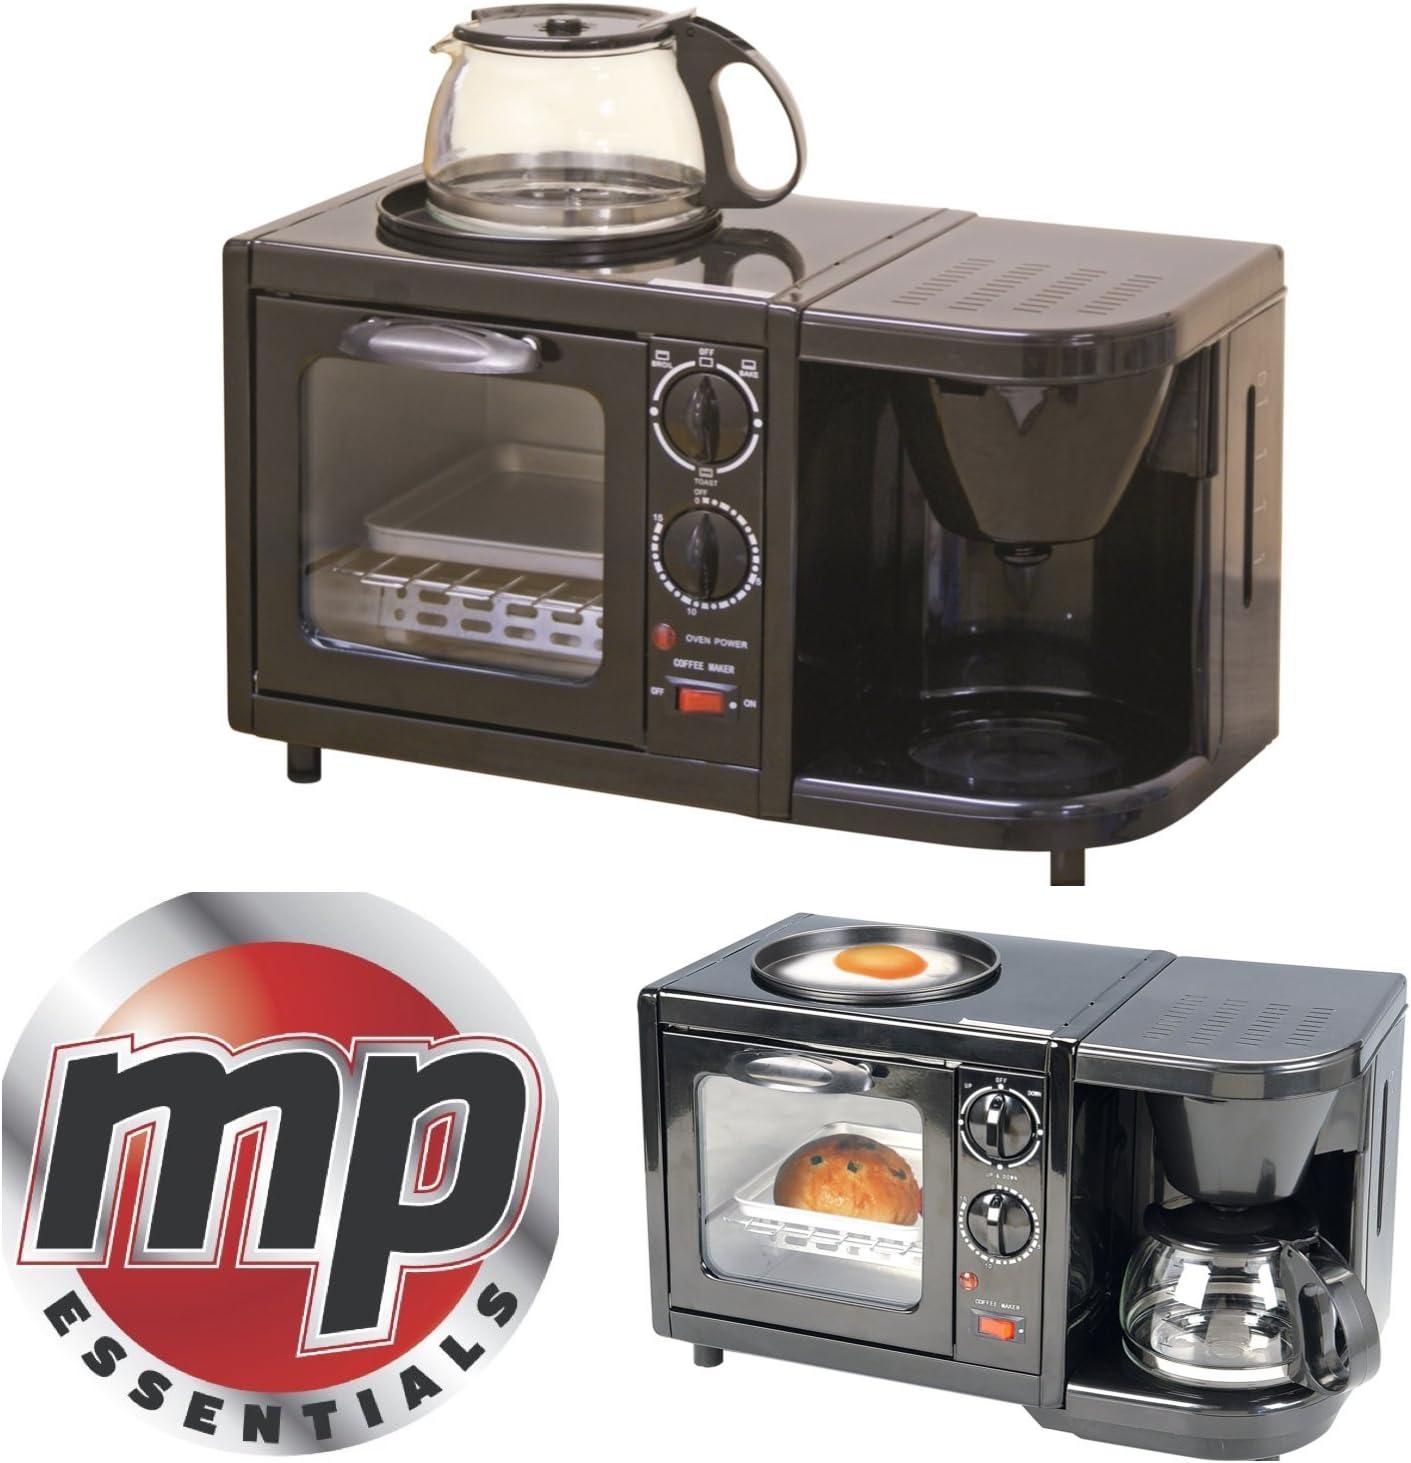 Electrodomésticos 3 en 1 para caravana MP Essentials, con horno, parrilla y cafetera eléctrica